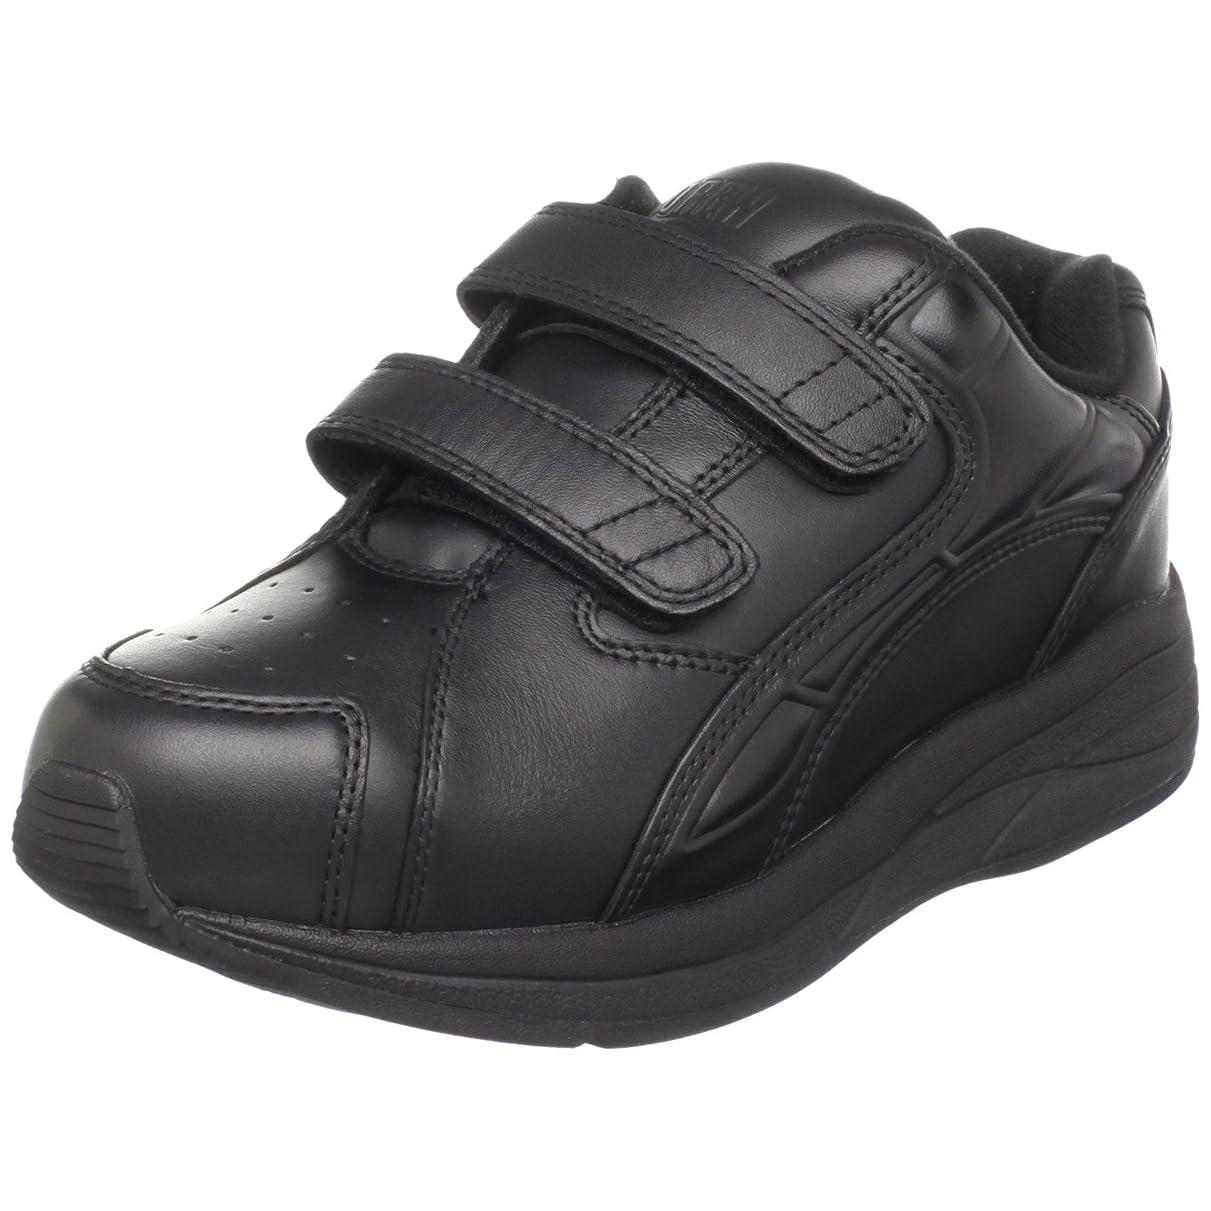 フィクション薄いですきらめき[Drew Shoe] レディース US サイズ: 7 WW カラー: ブラック